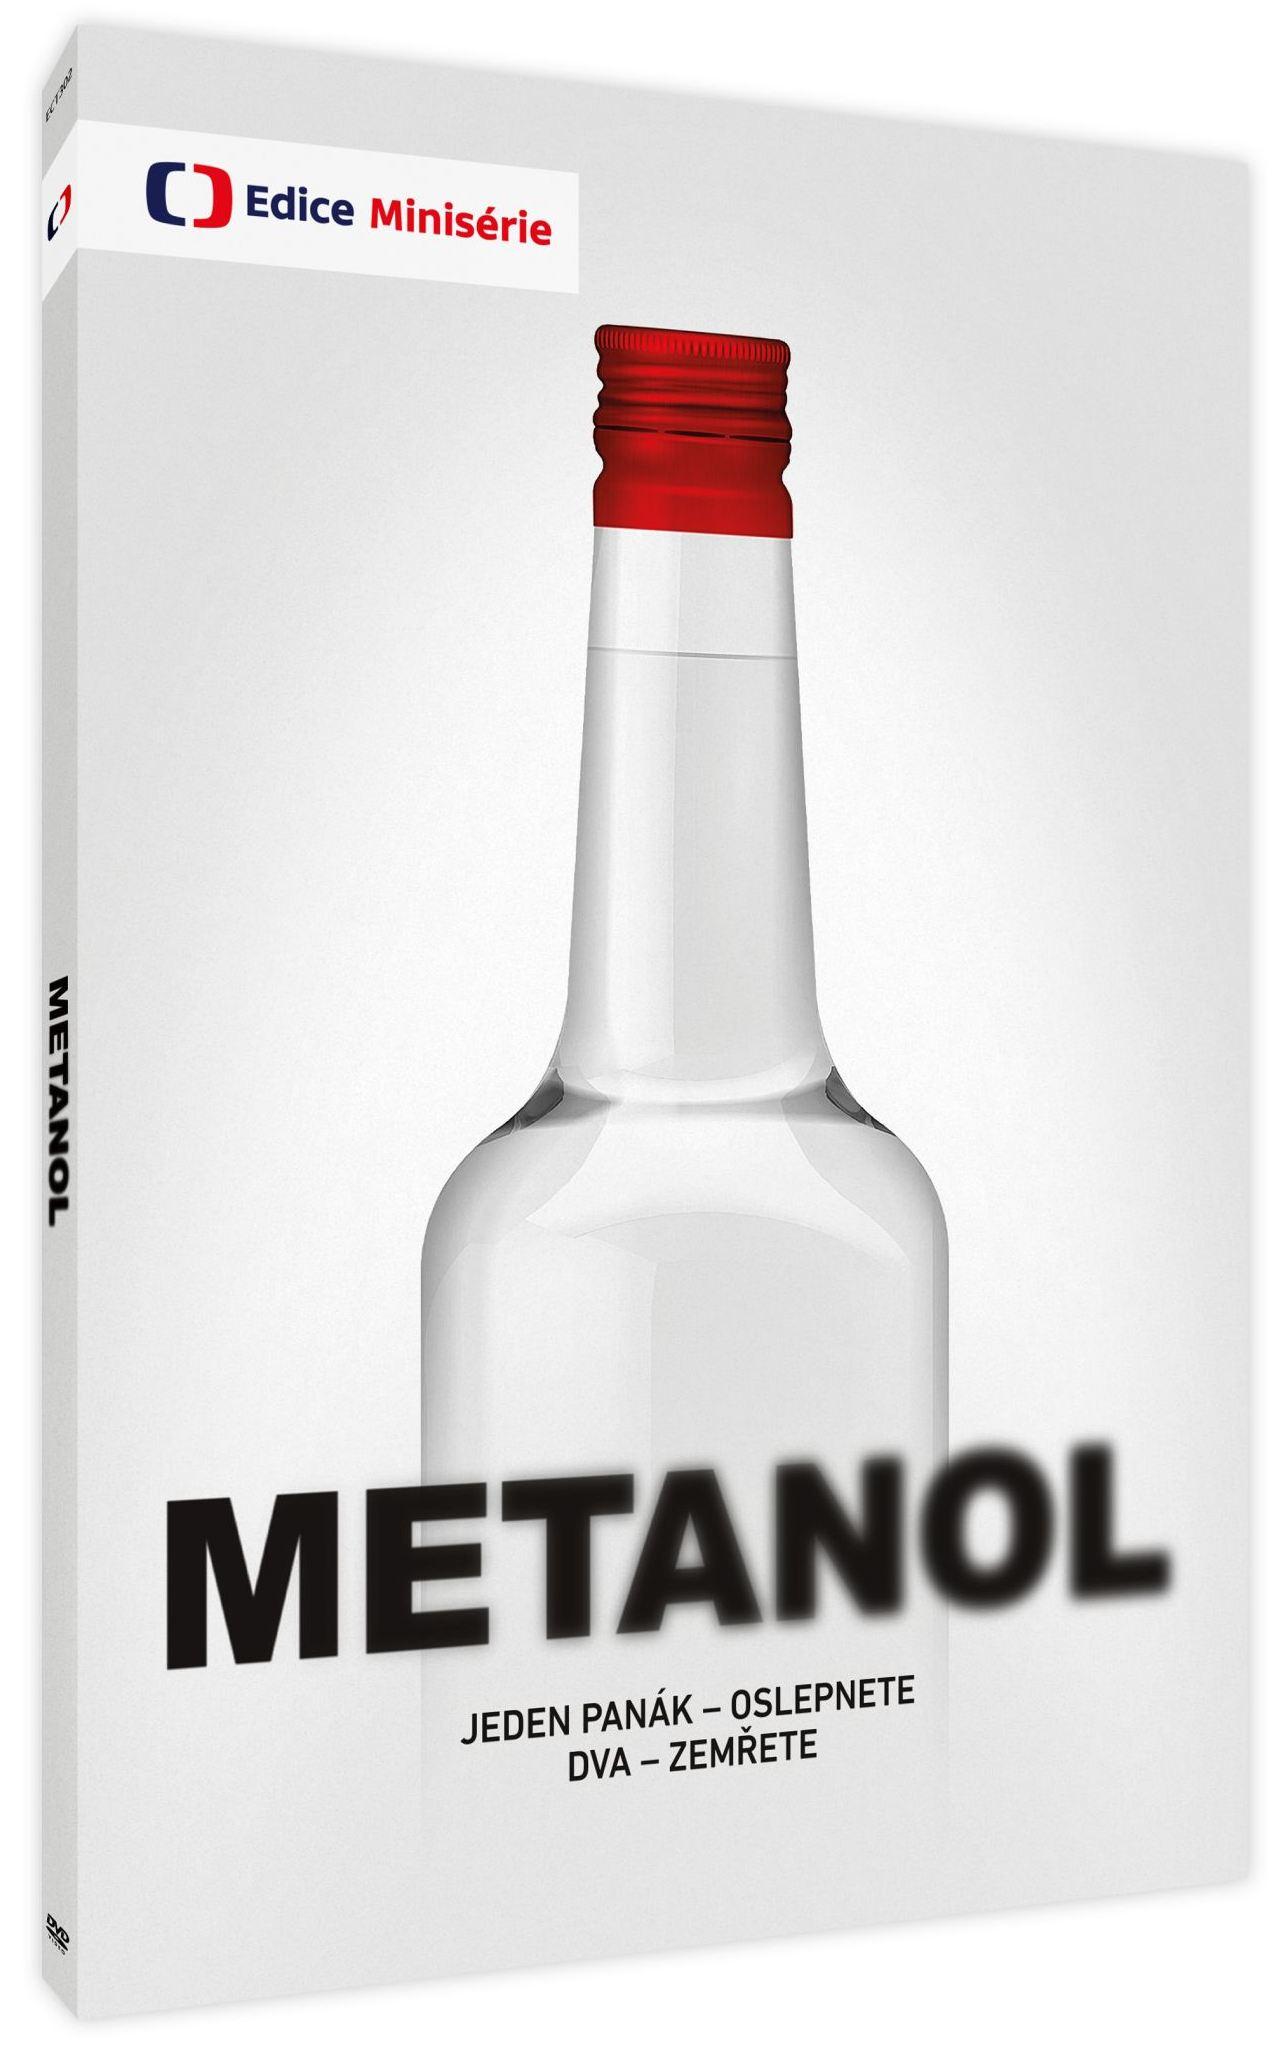 Metanol - DVD